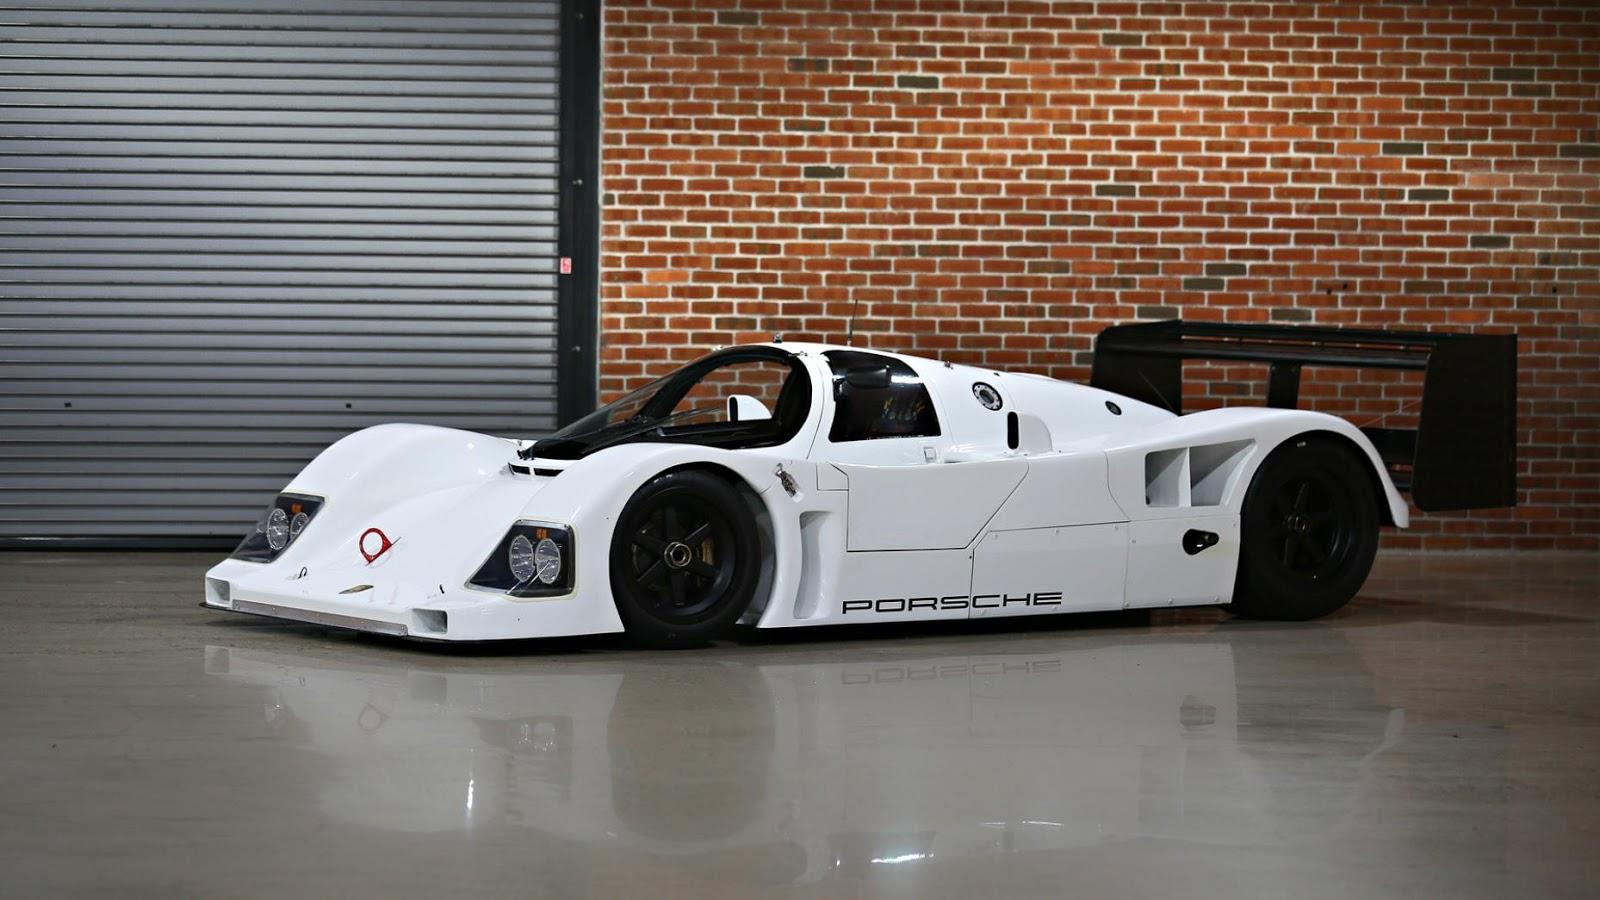 1990 Porsche 962C Coupe: $1,650,000